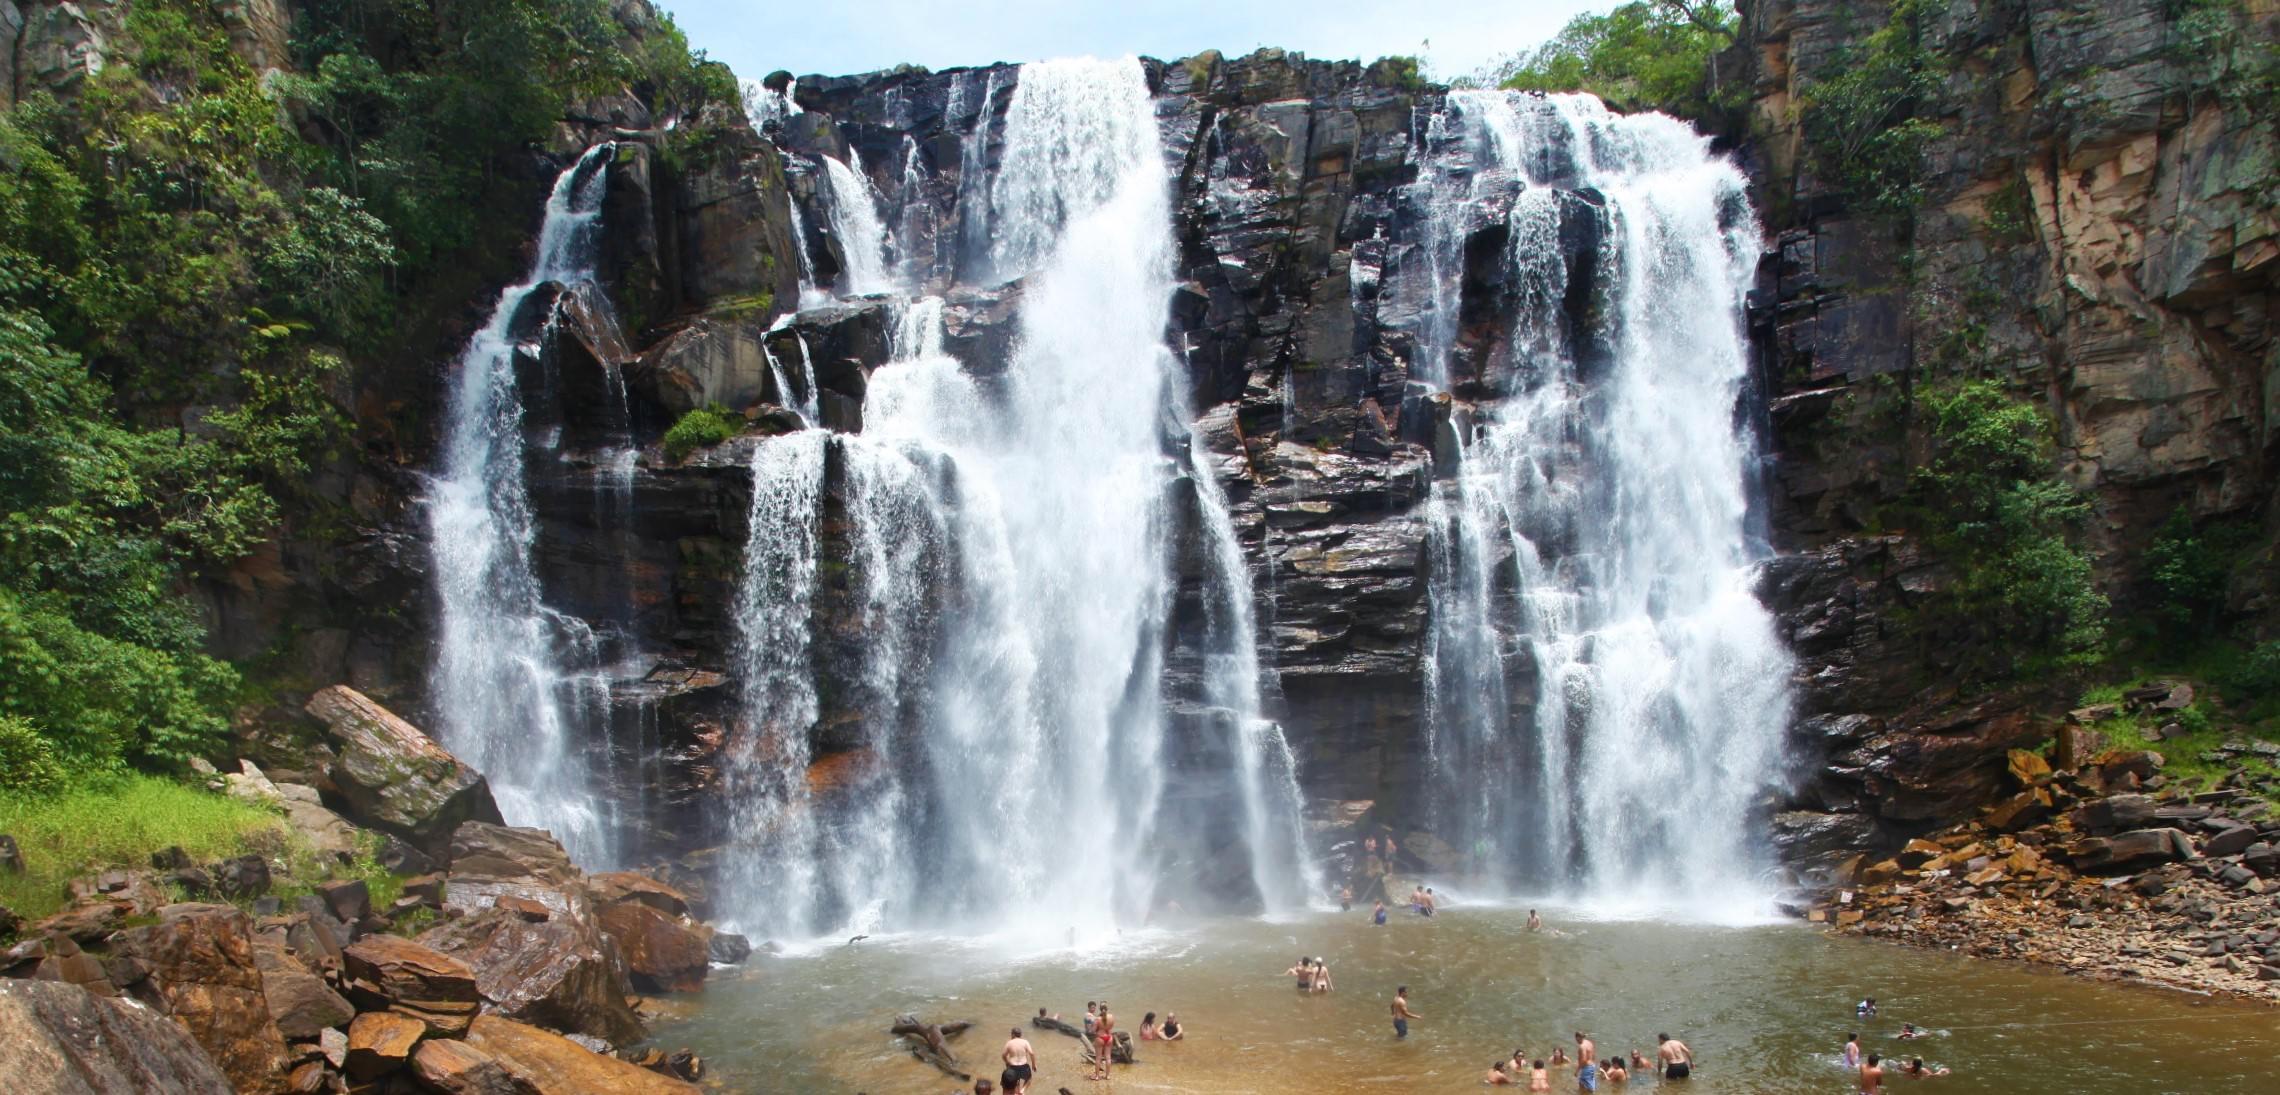 O charme de Pirenópolis e suas cachoeiras